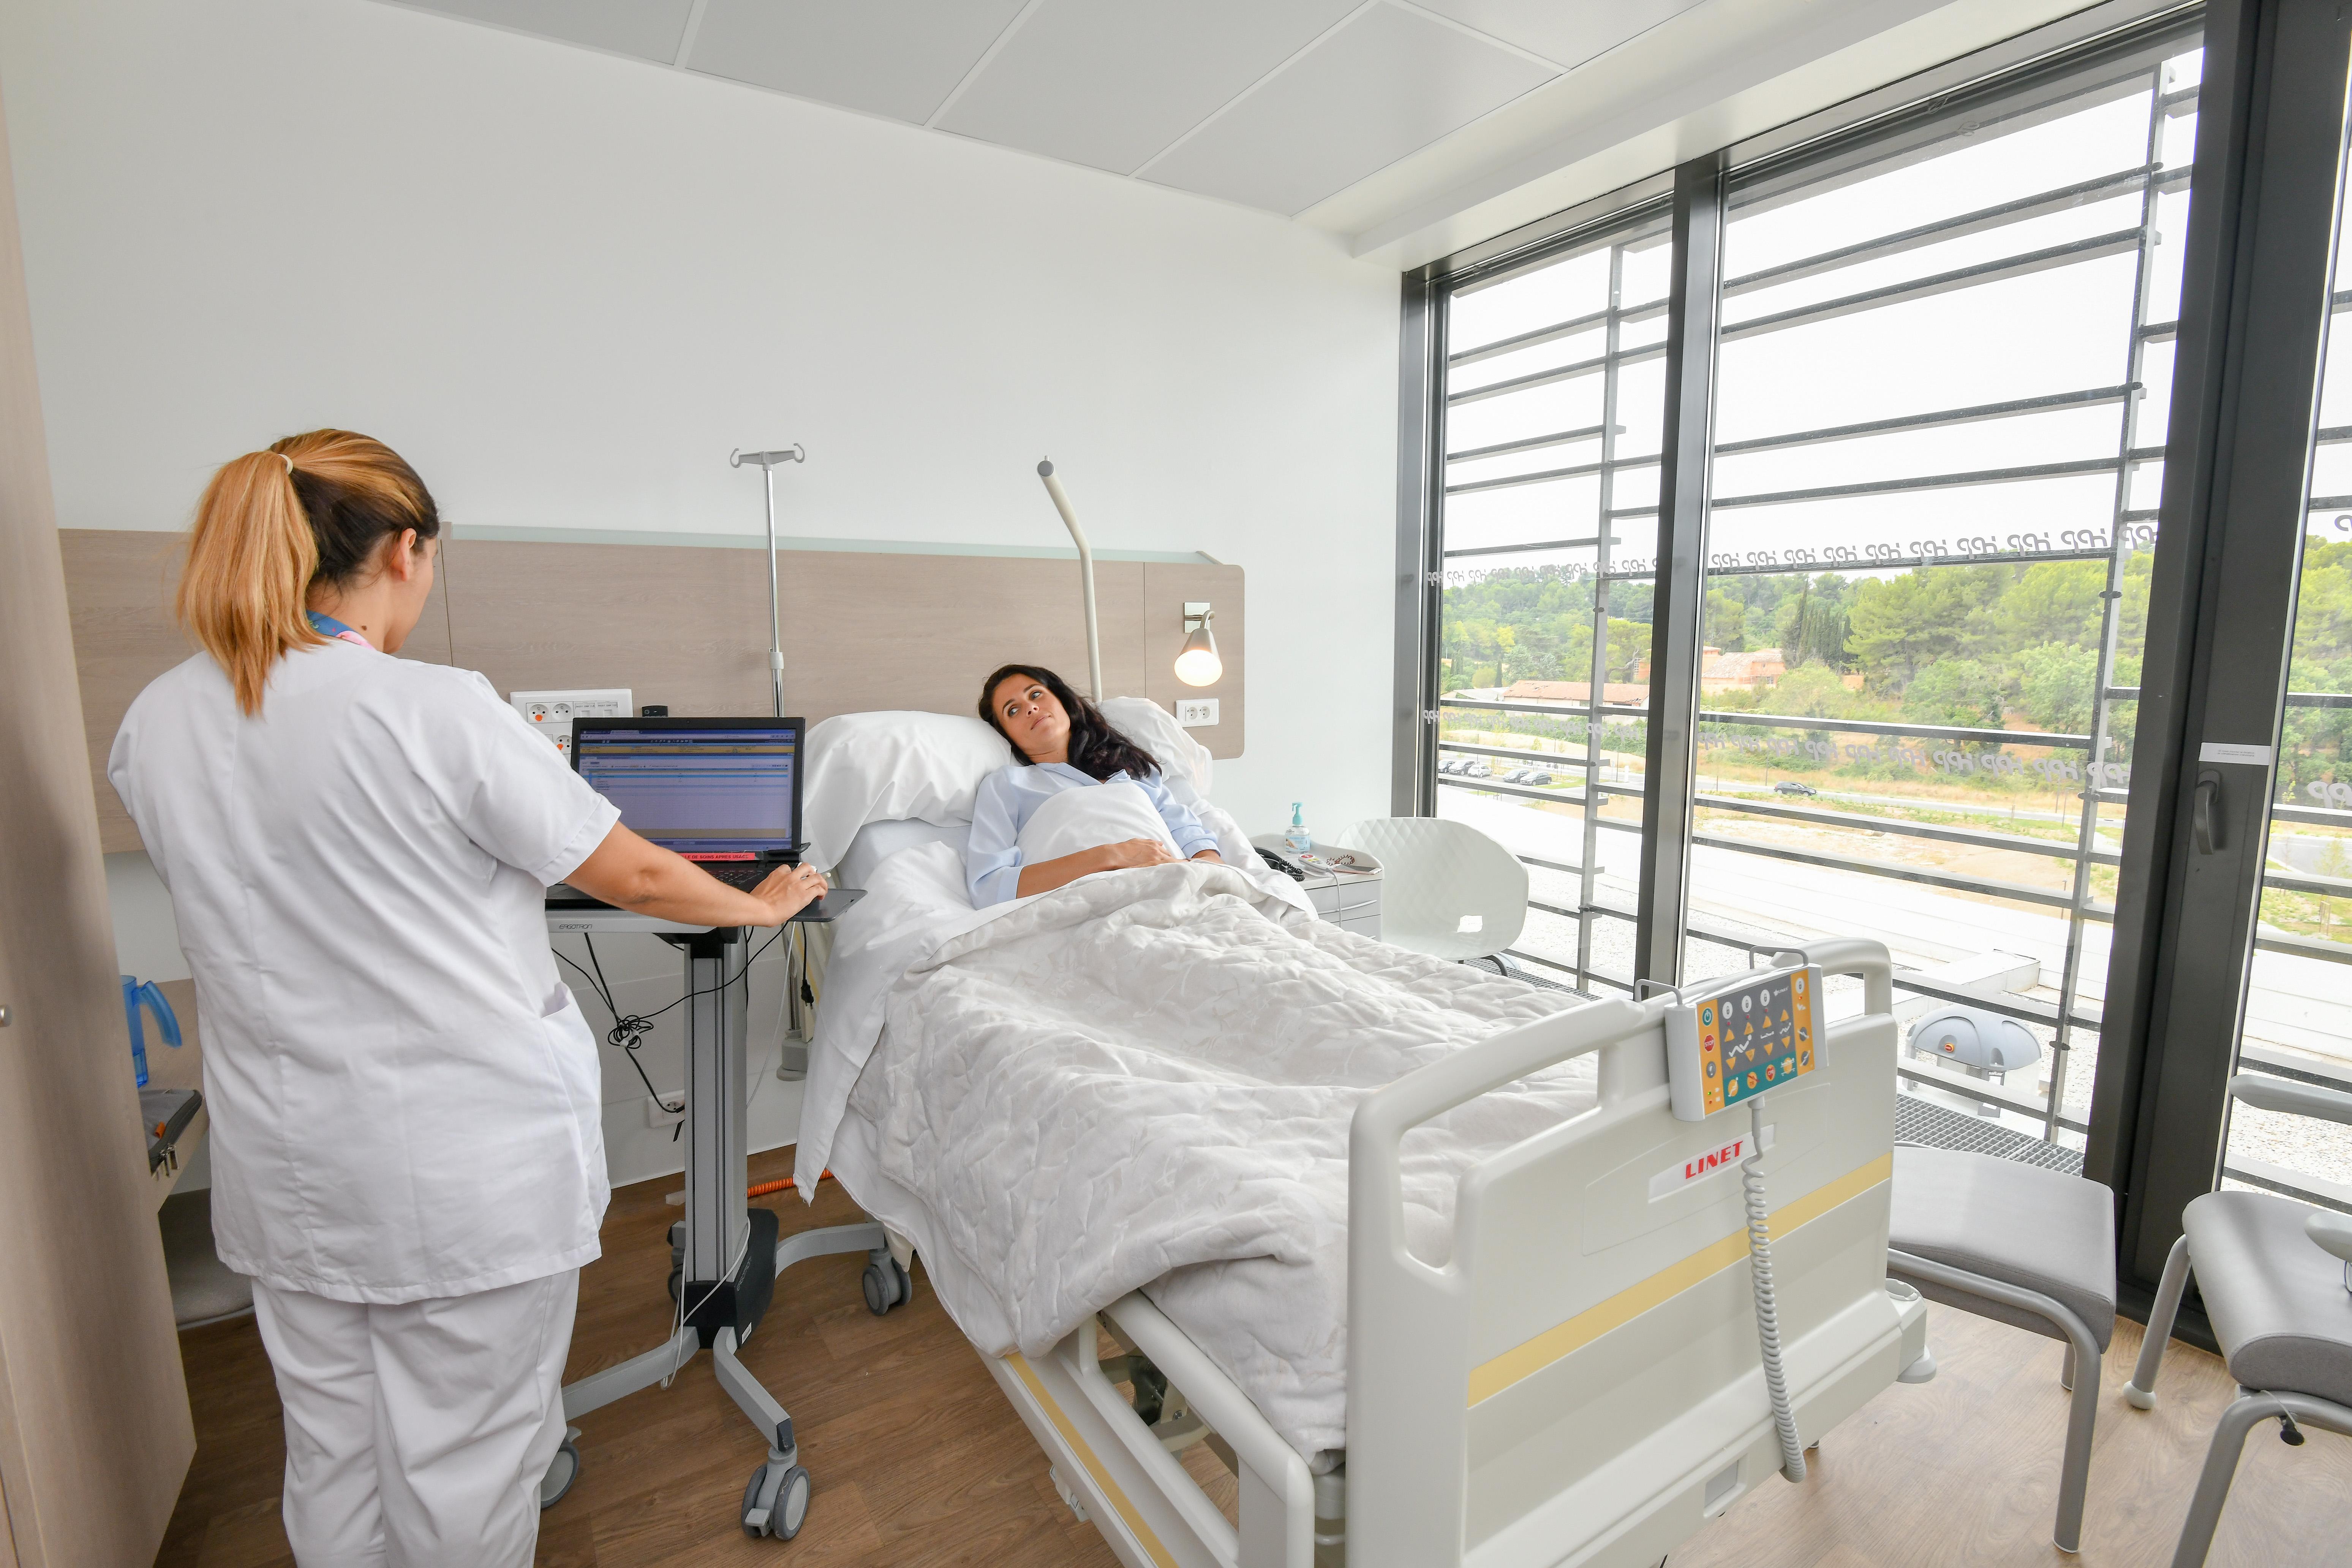 Prestations hôtelières - Hôpital Privé de Provence